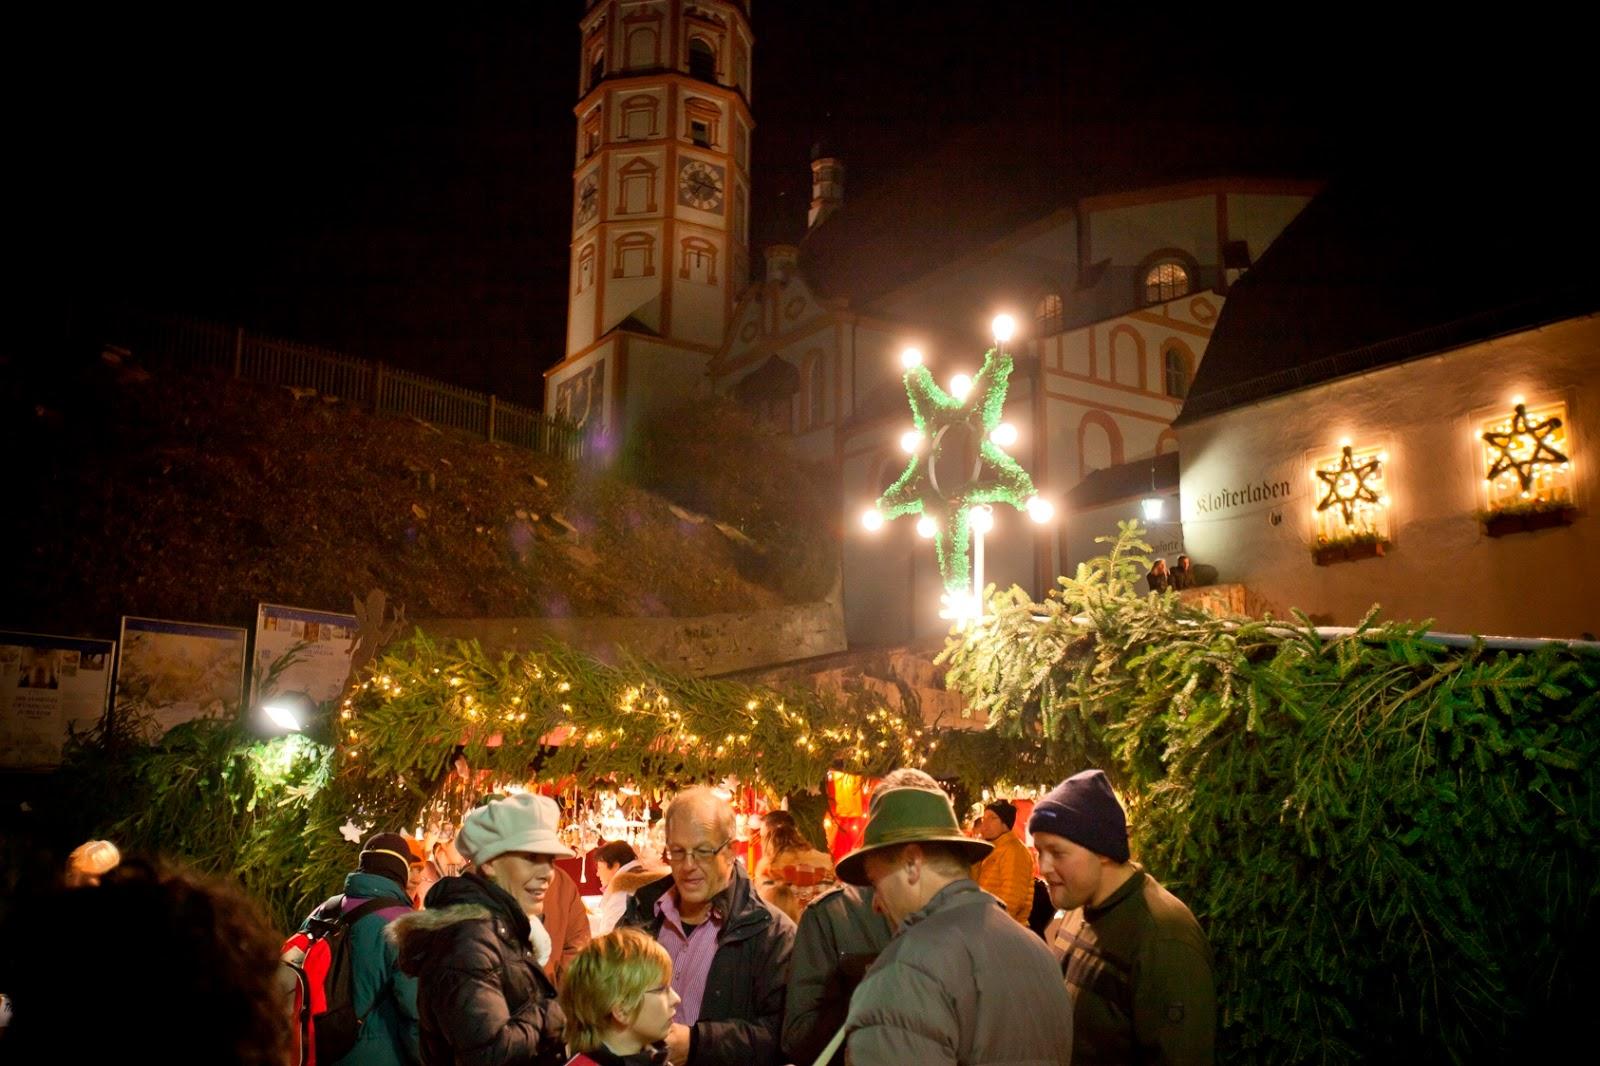 Kloster Andechs Weihnachtsmarkt.Texterl Adventszeit In Der Region Starnberg Ammersee